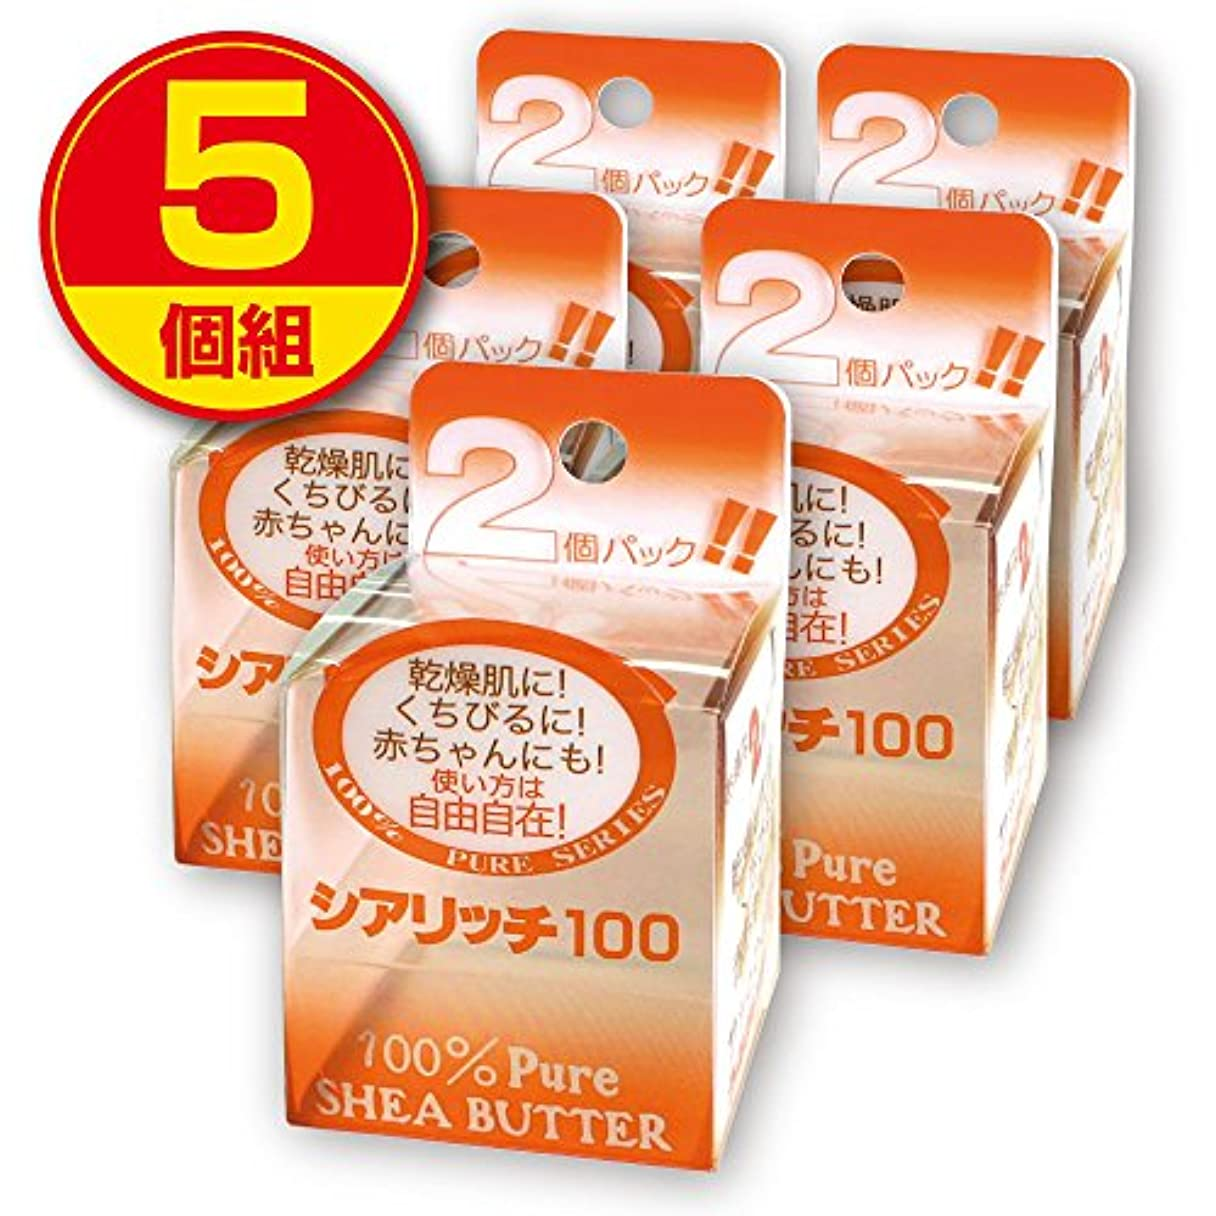 誇りに思う民間宇宙船日本天然物研究所 シアリッチ100 (8g×2個入り)【5個組】(無添加100%シアバター)無香料